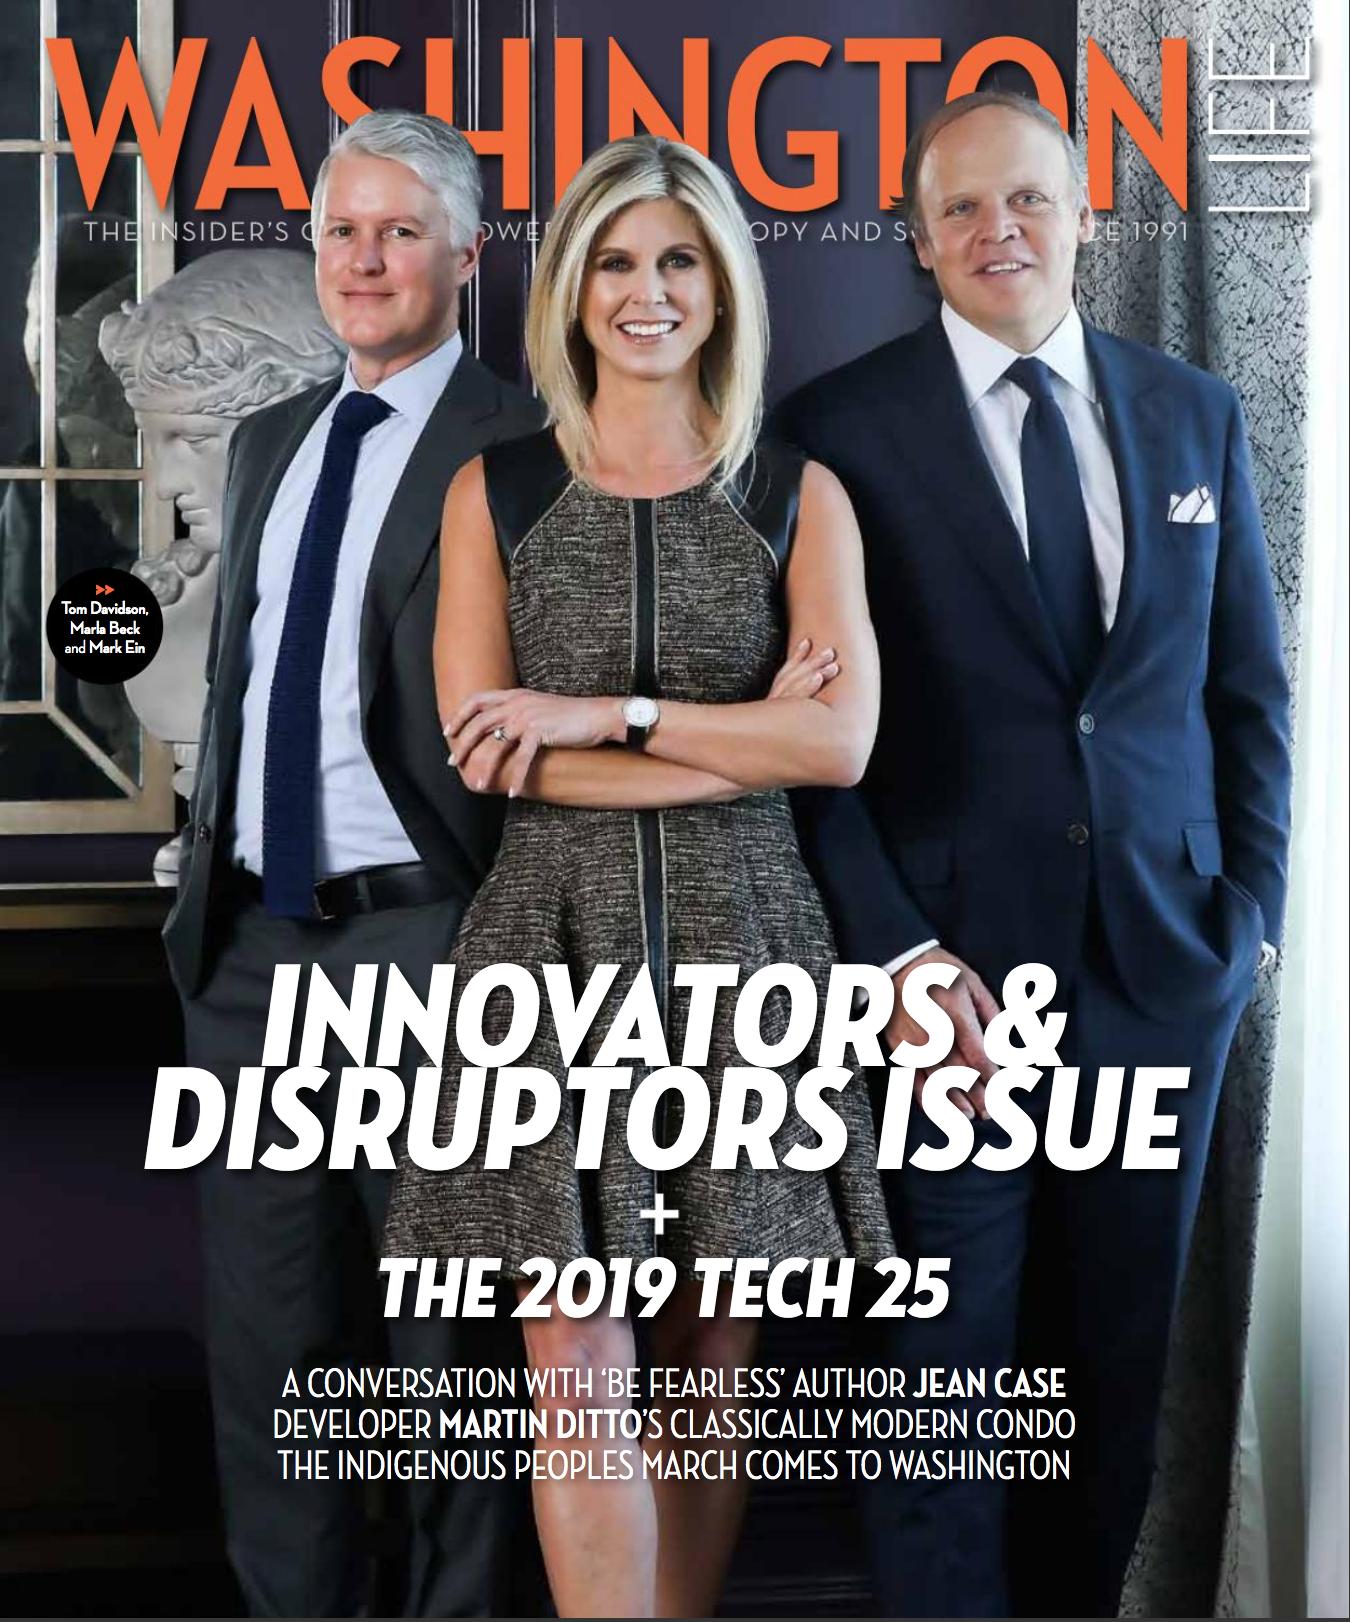 Innovators & Disruptors 2019